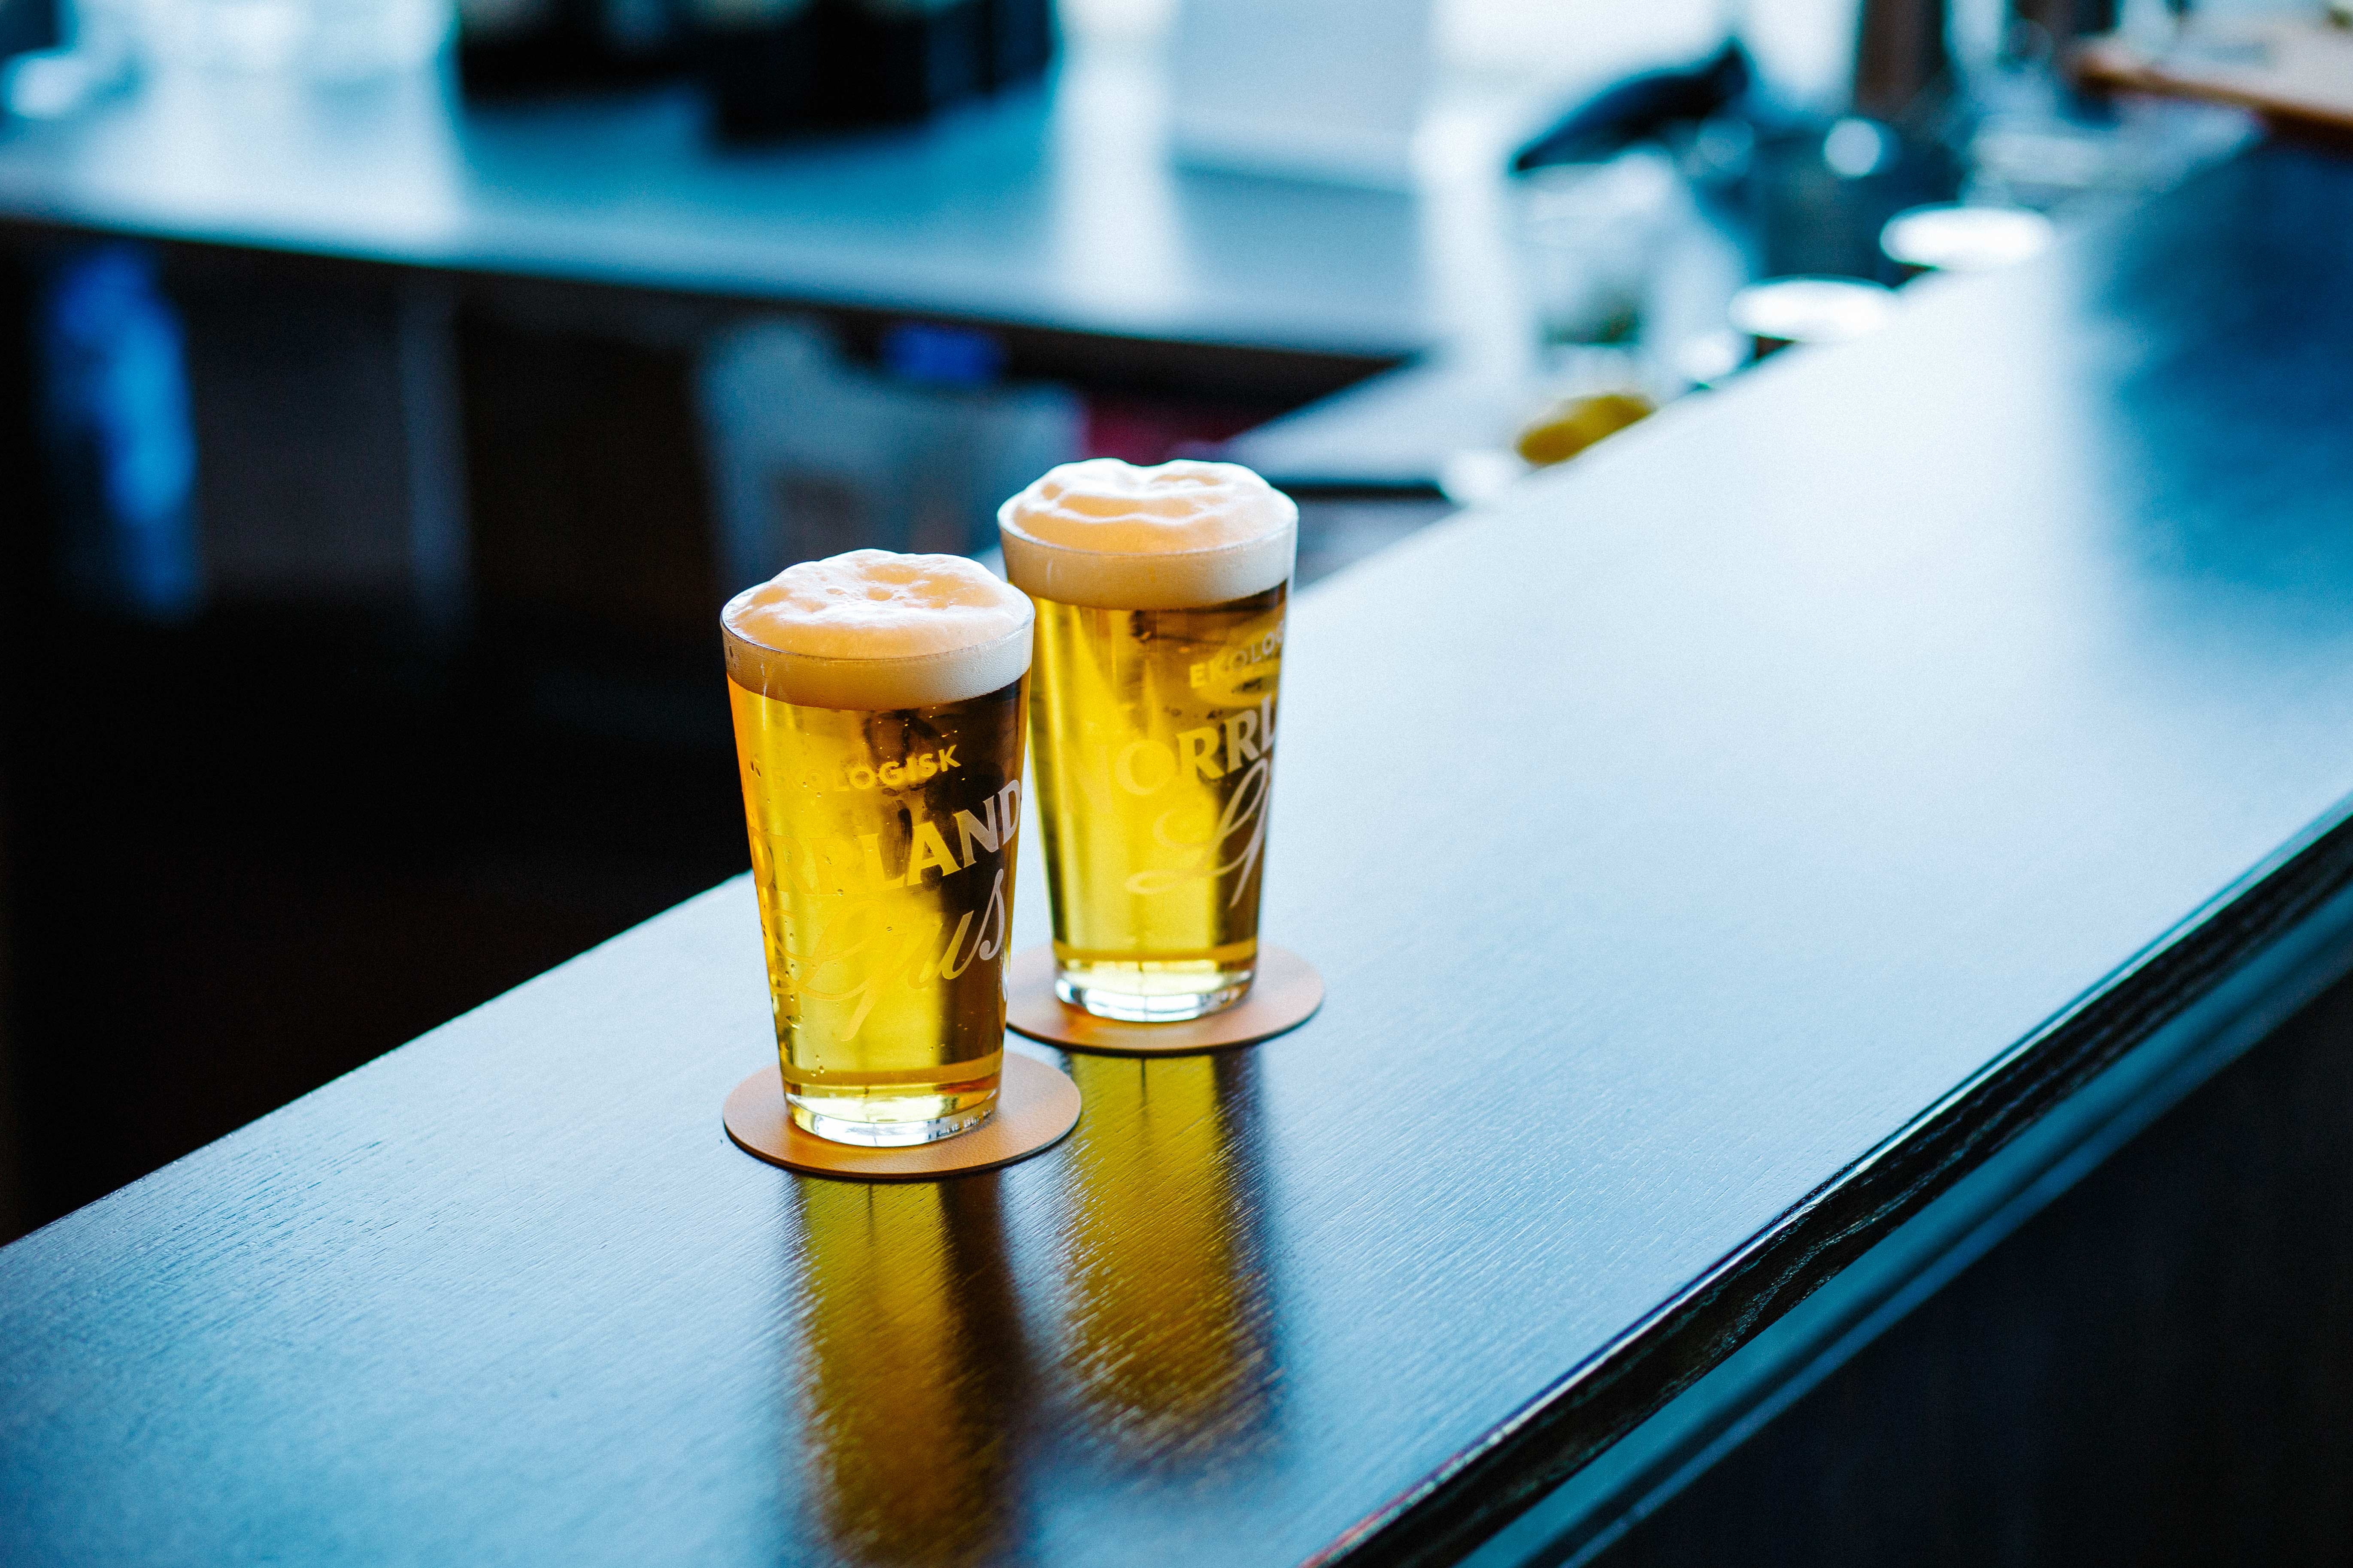 Hållbarhet handlar om så mycket mer än att hålla i en öl